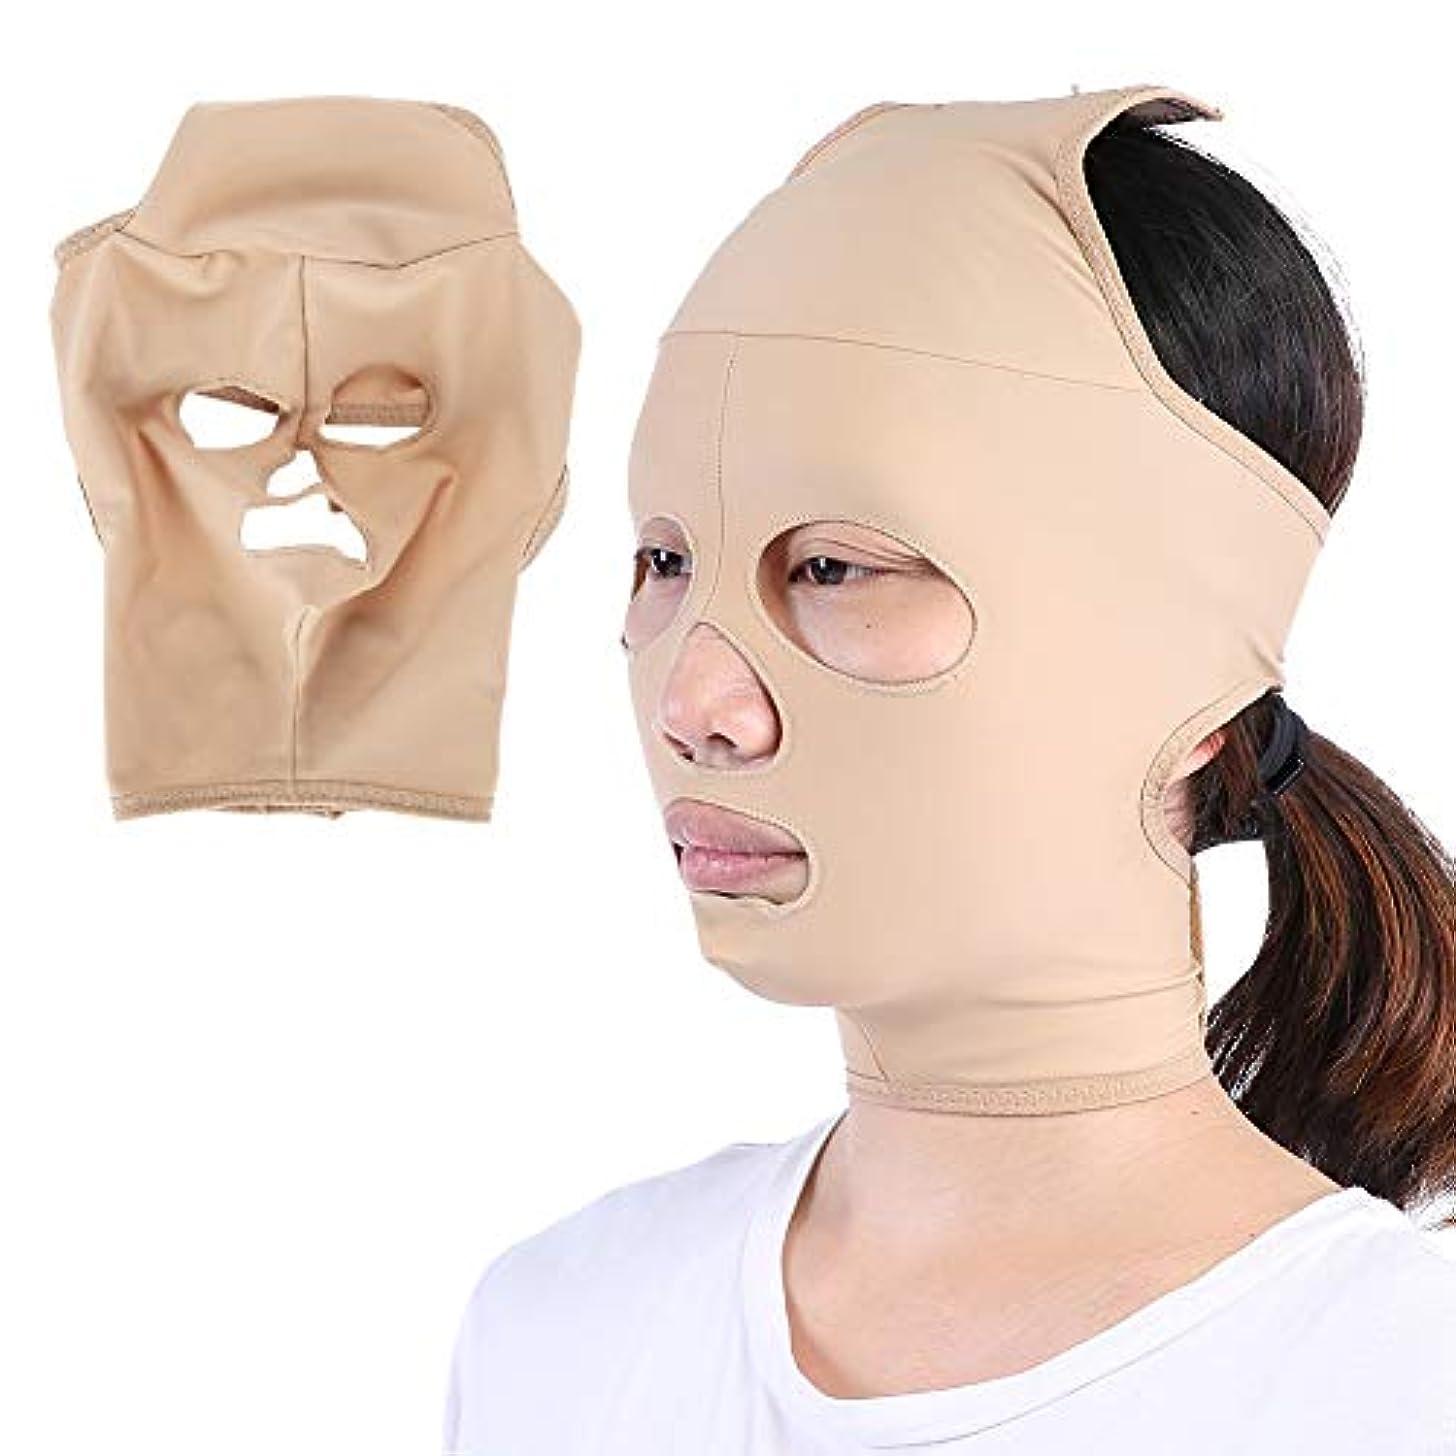 検査聖なる暴露する顔の减量のベルト、完全なカバレッジ 顔のVラインを向上させる 二重顎を減らす二重顎、スキンケア包帯(XL)